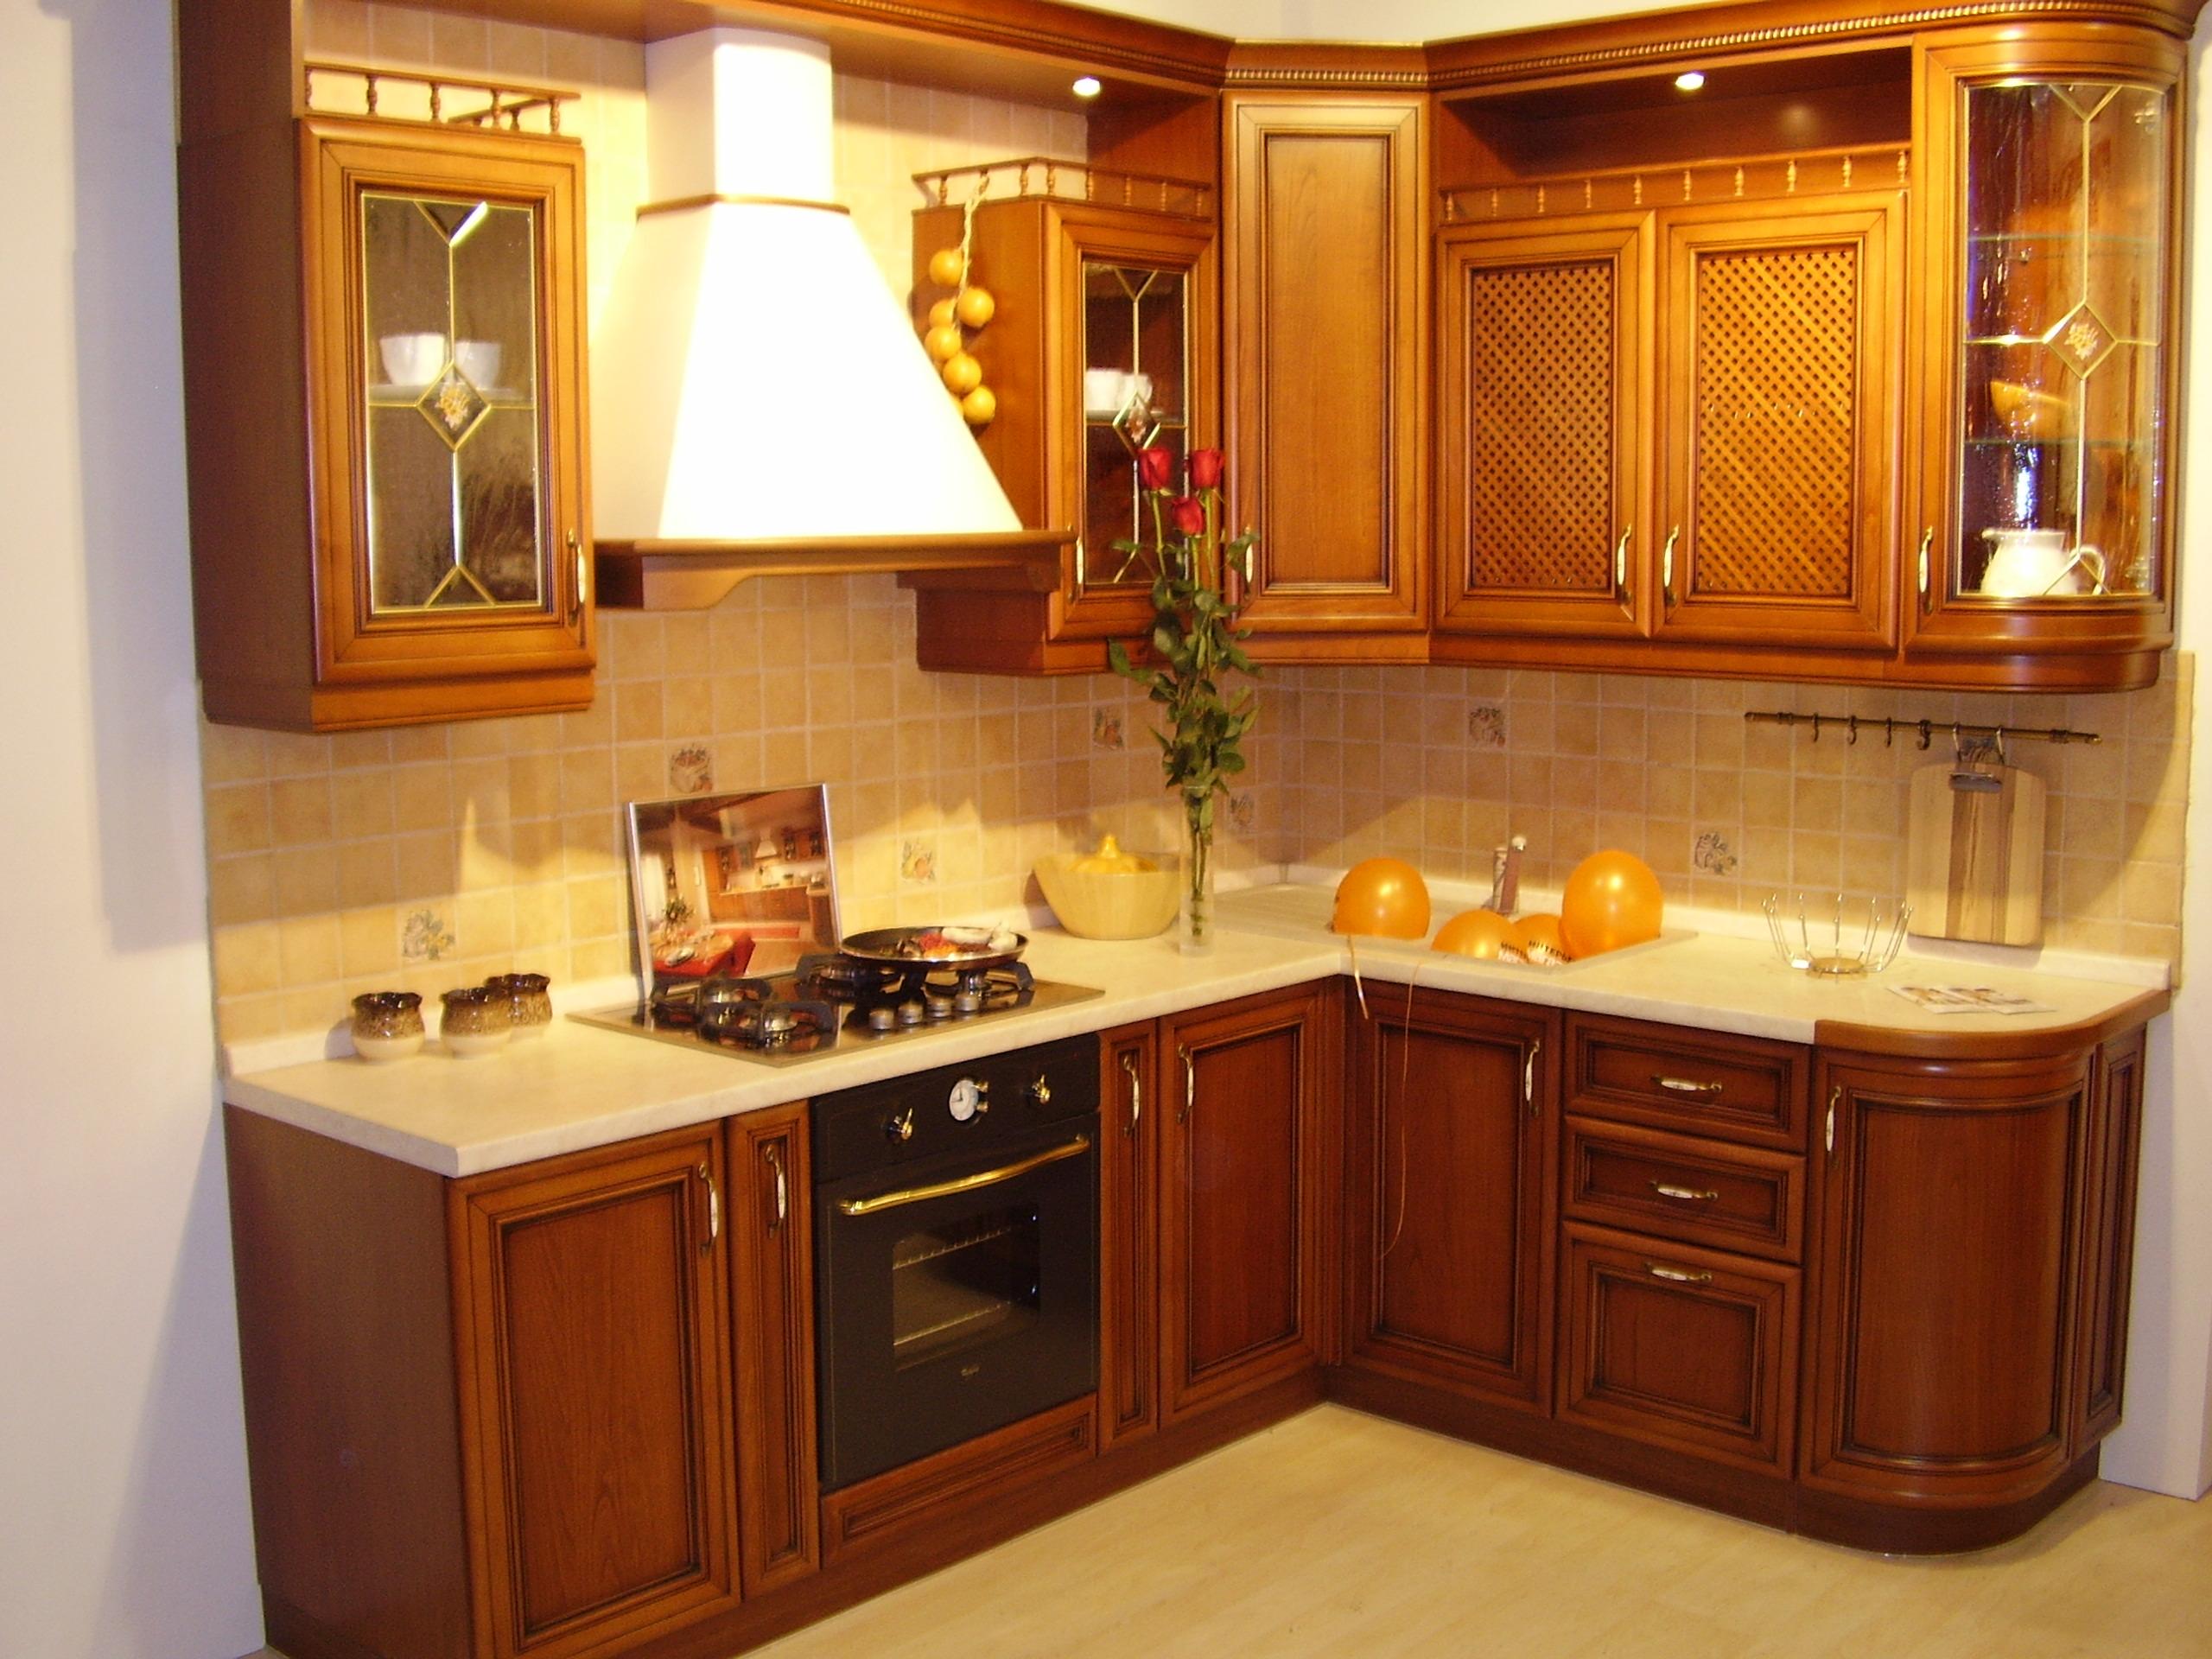 Классический гарнитур для маленькой кухни